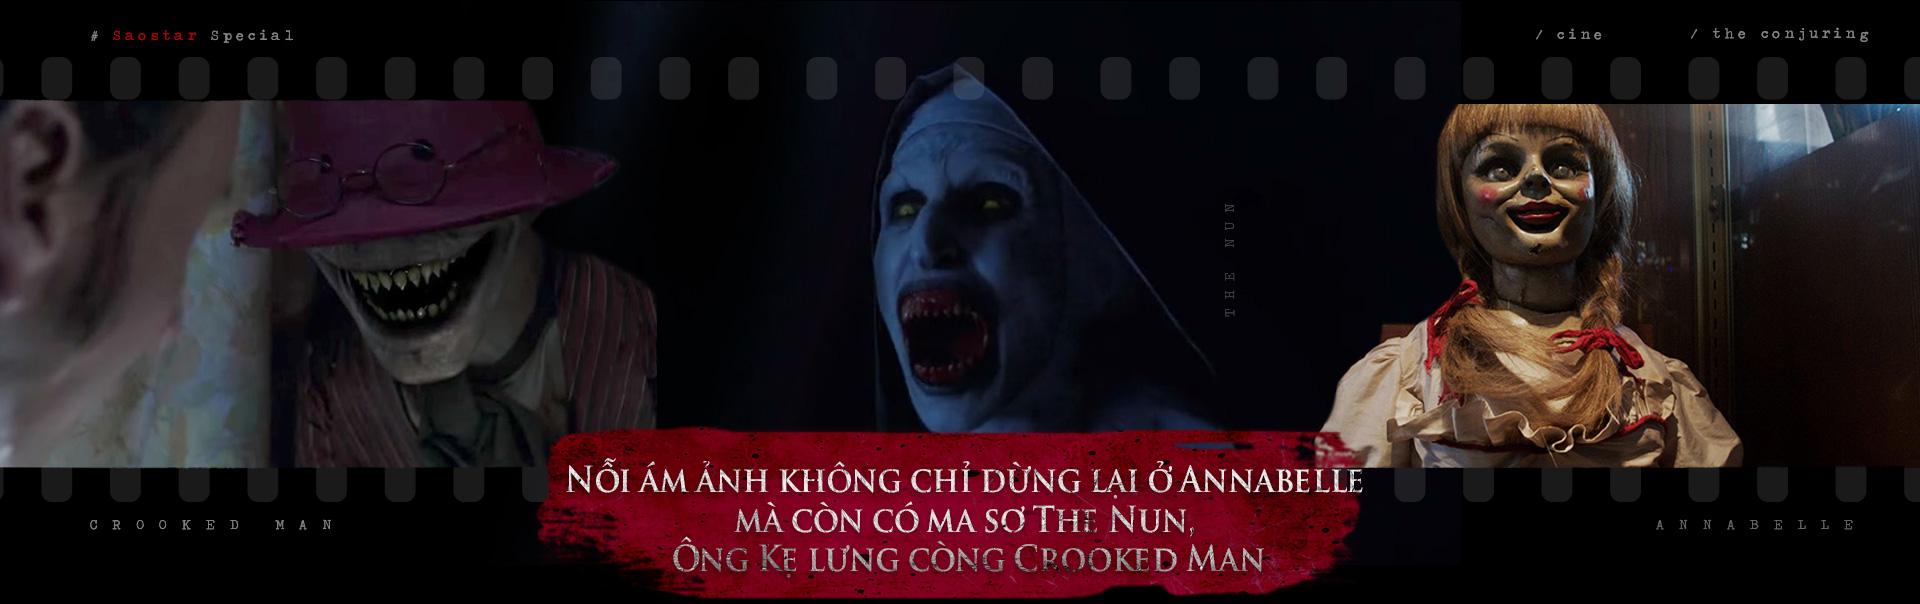 Sự trỗi dậy hùng mạnh của đế chế ác ma trong Vũ trụ điện ảnh 'The Conjuring'